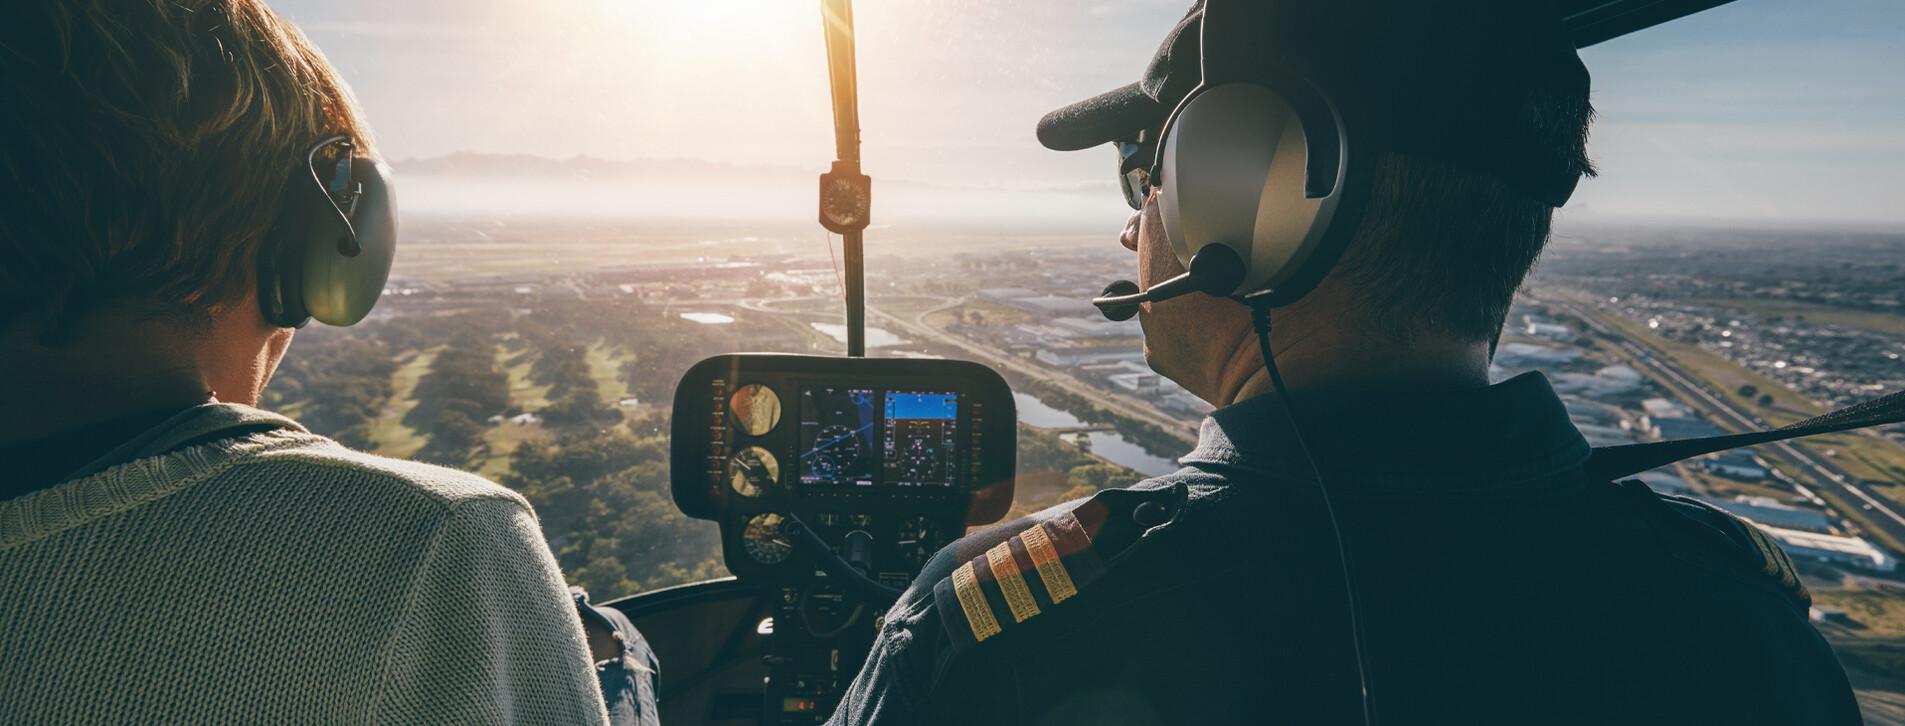 Фото 1 - Мастер-класс пилотирования вертолета Robinson R22